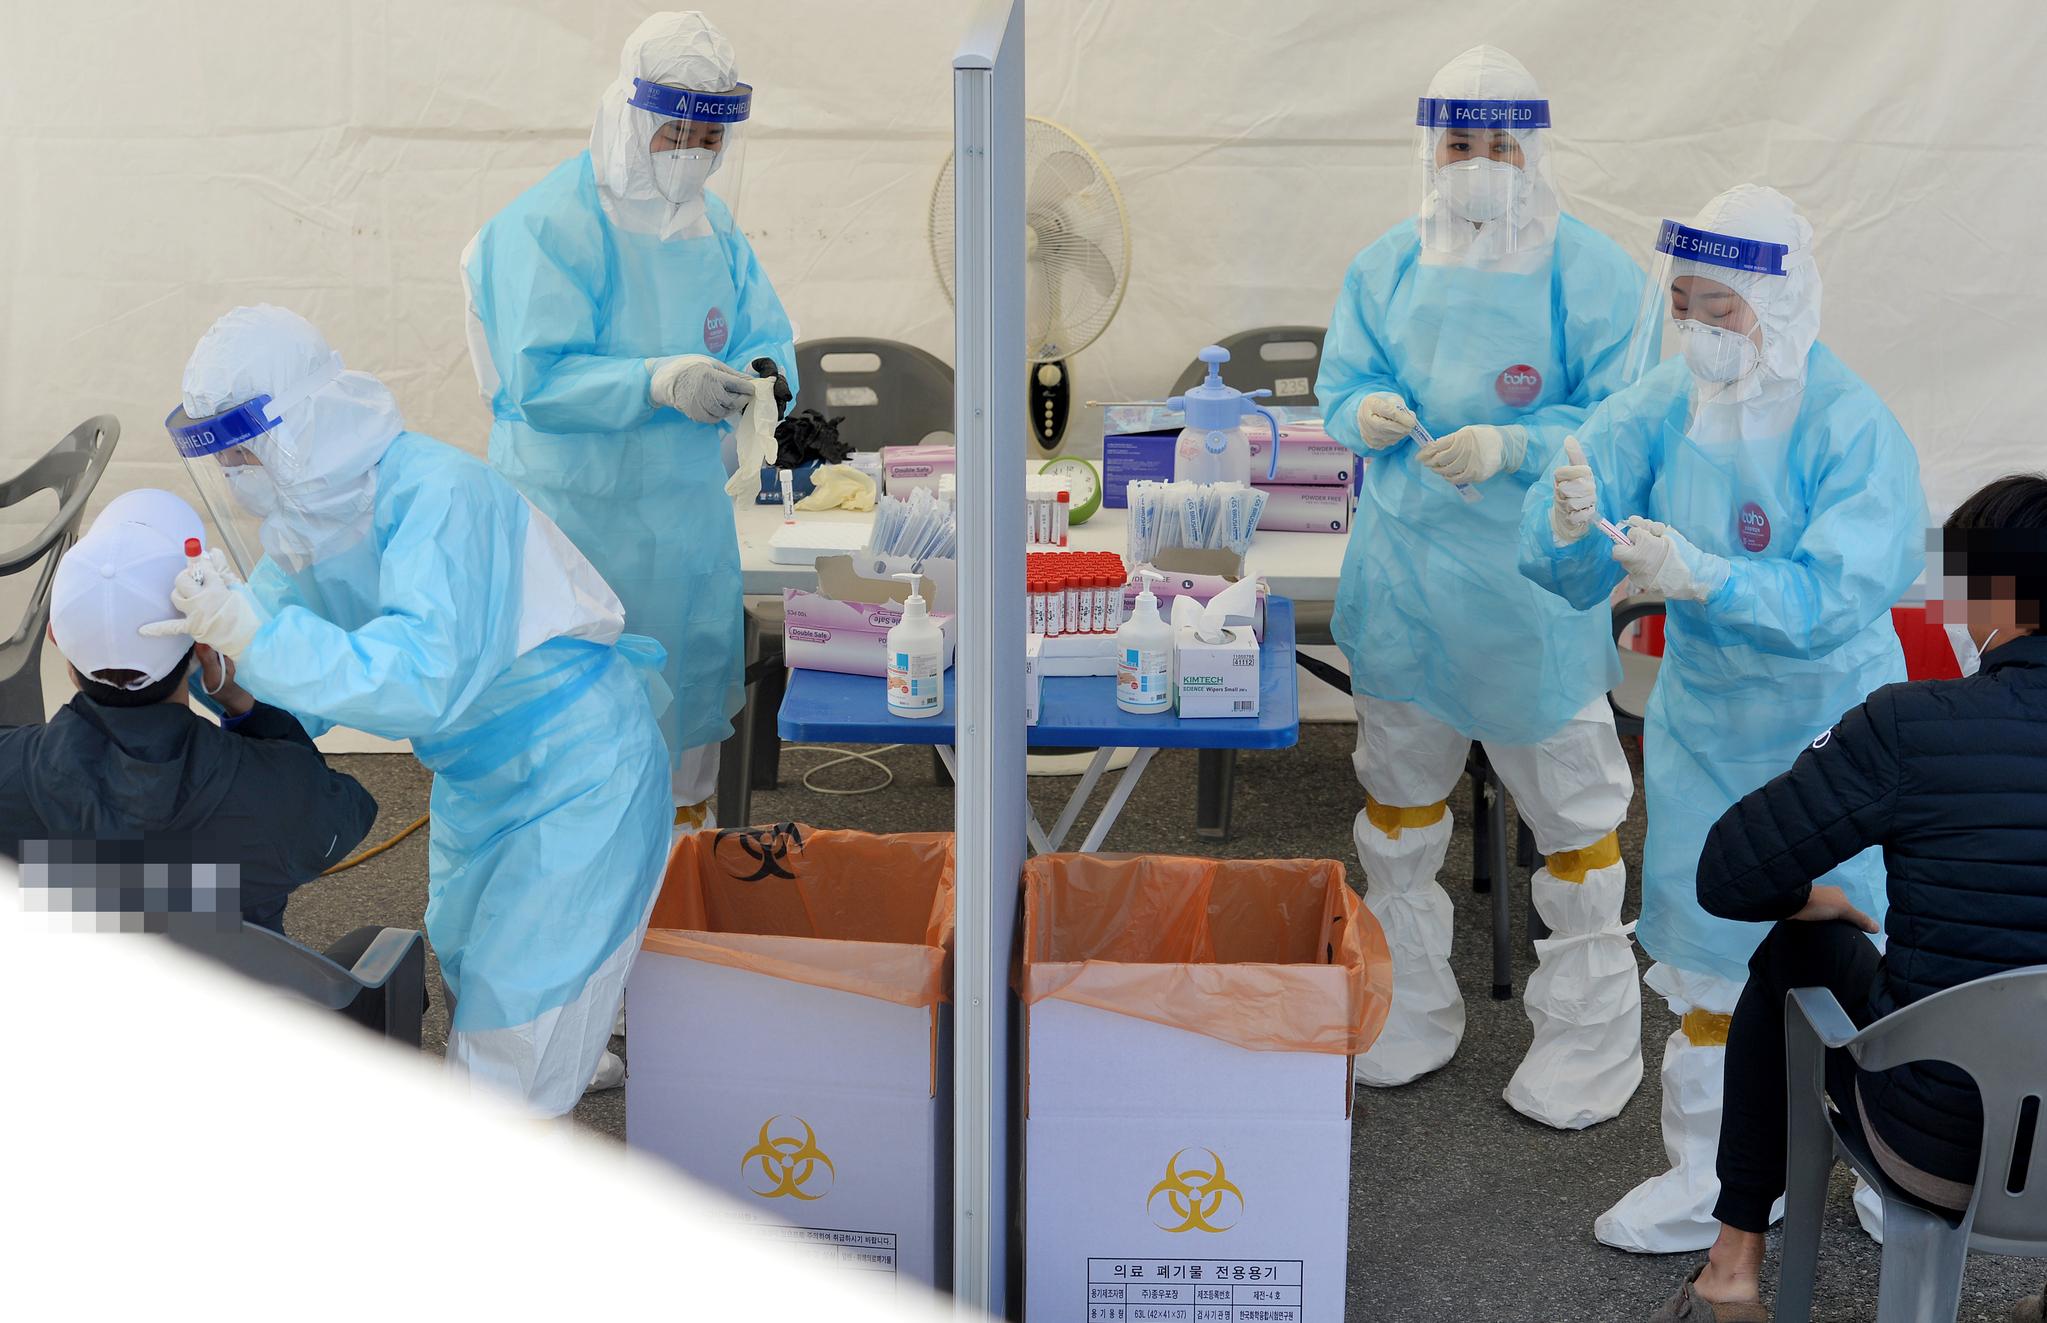 3월 31일 대전 한밭체육관 앞에 마련된 코로나19 선별진료소에서 의료진들이 시민들을 분주히 검사하고 있다. 중앙포토